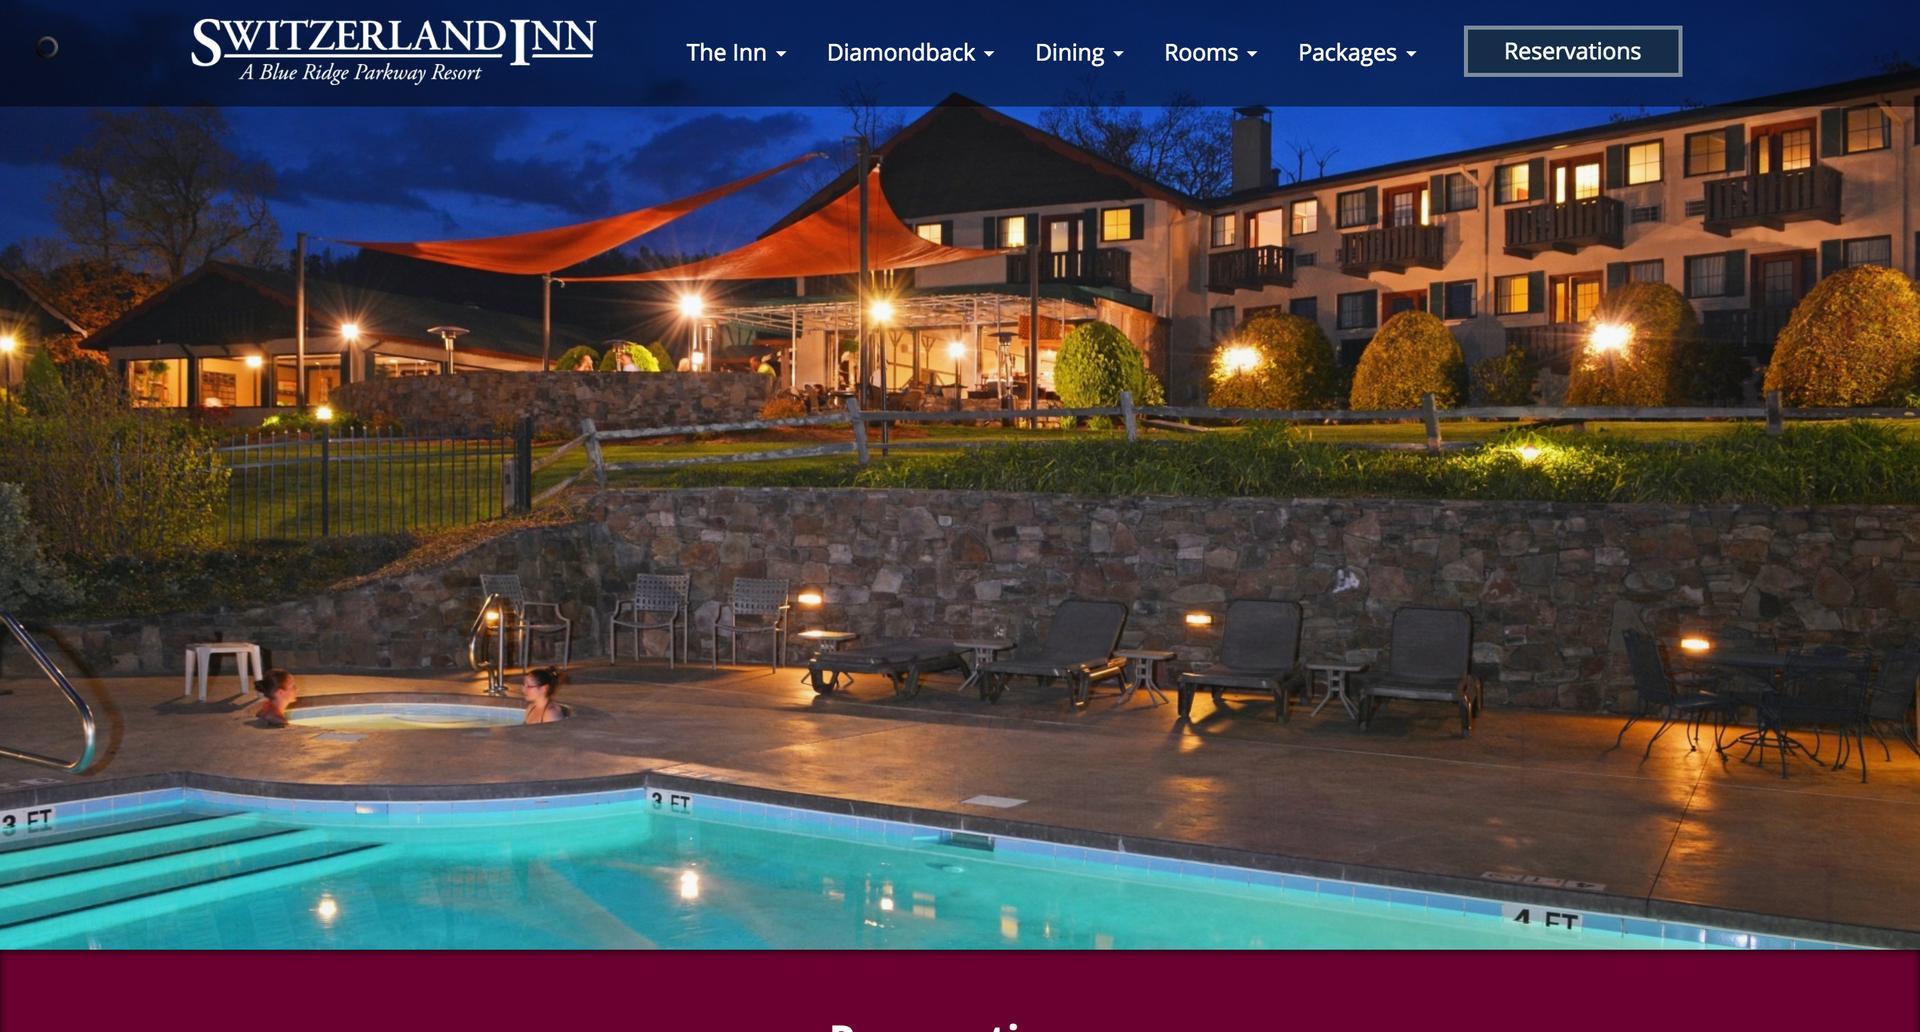 Switzerland Inn website